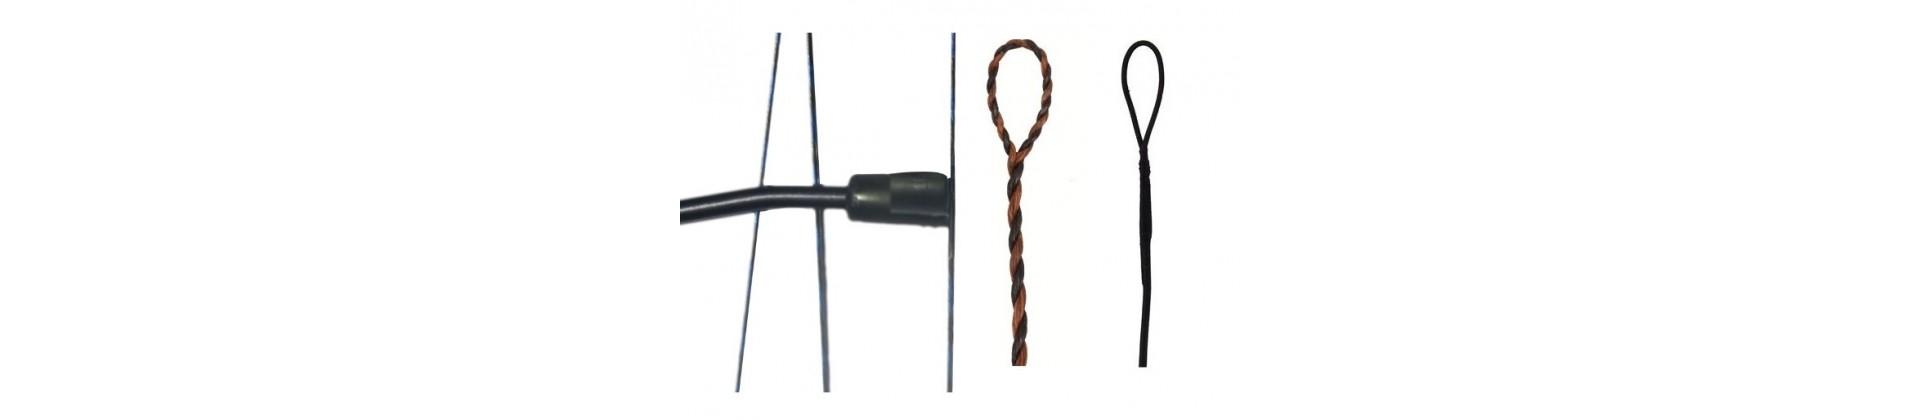 Cordes et cables